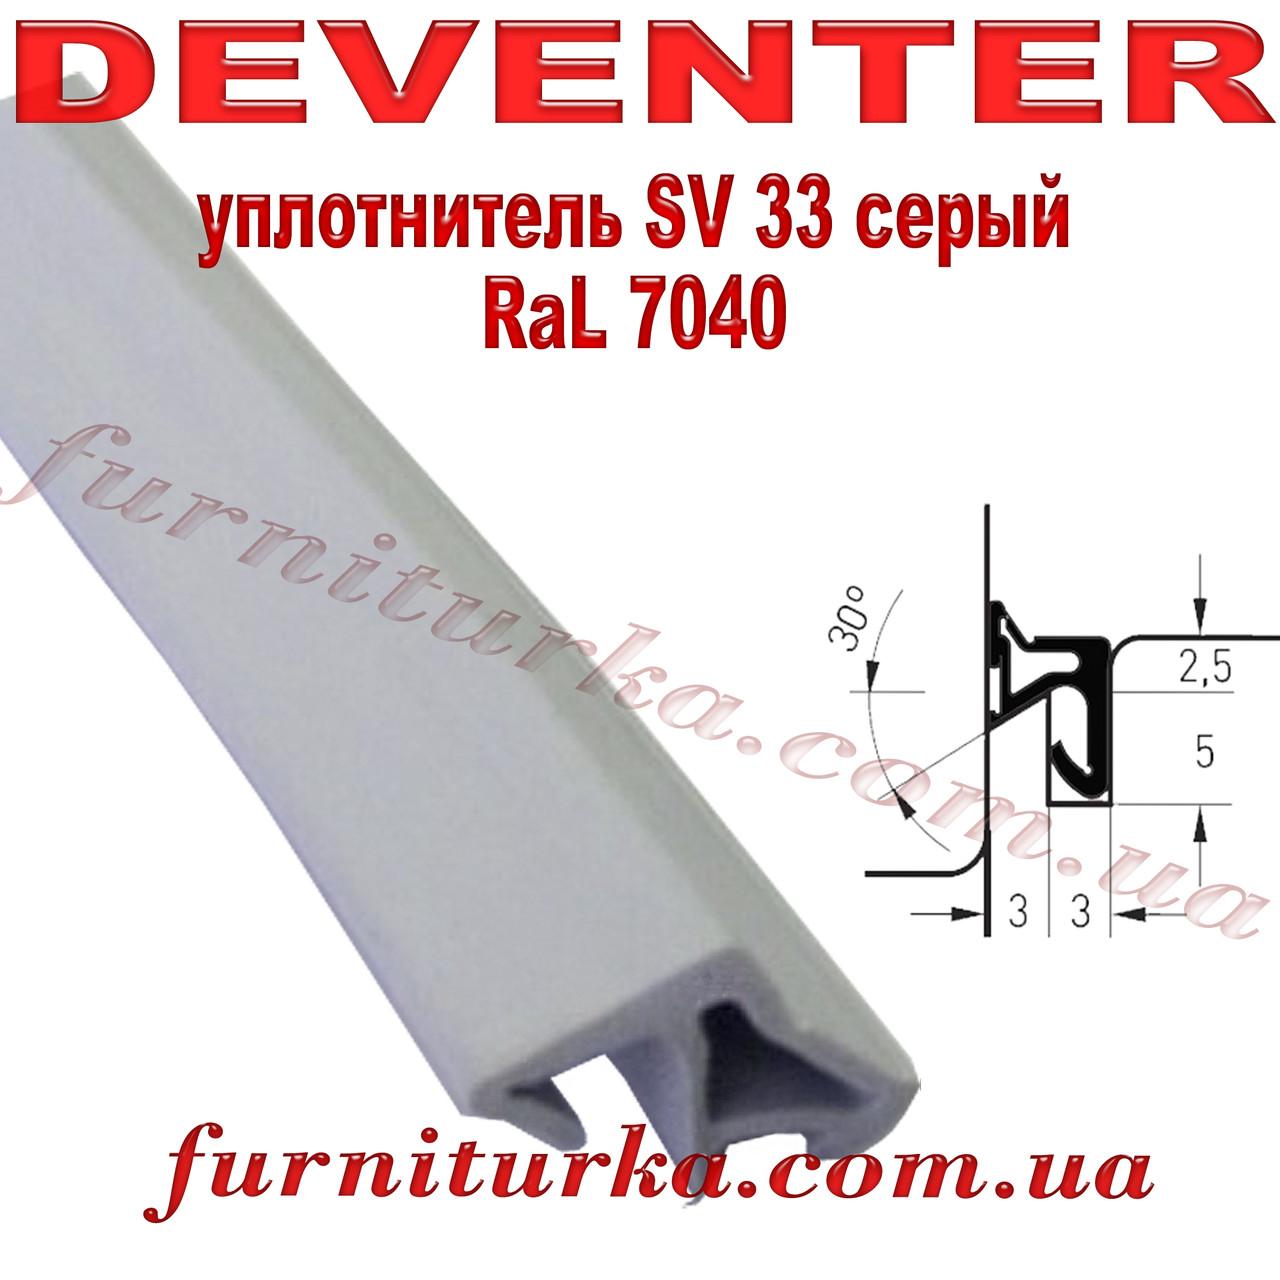 Уплотнитель оконный Deventer SV 33 серый RaL 7040